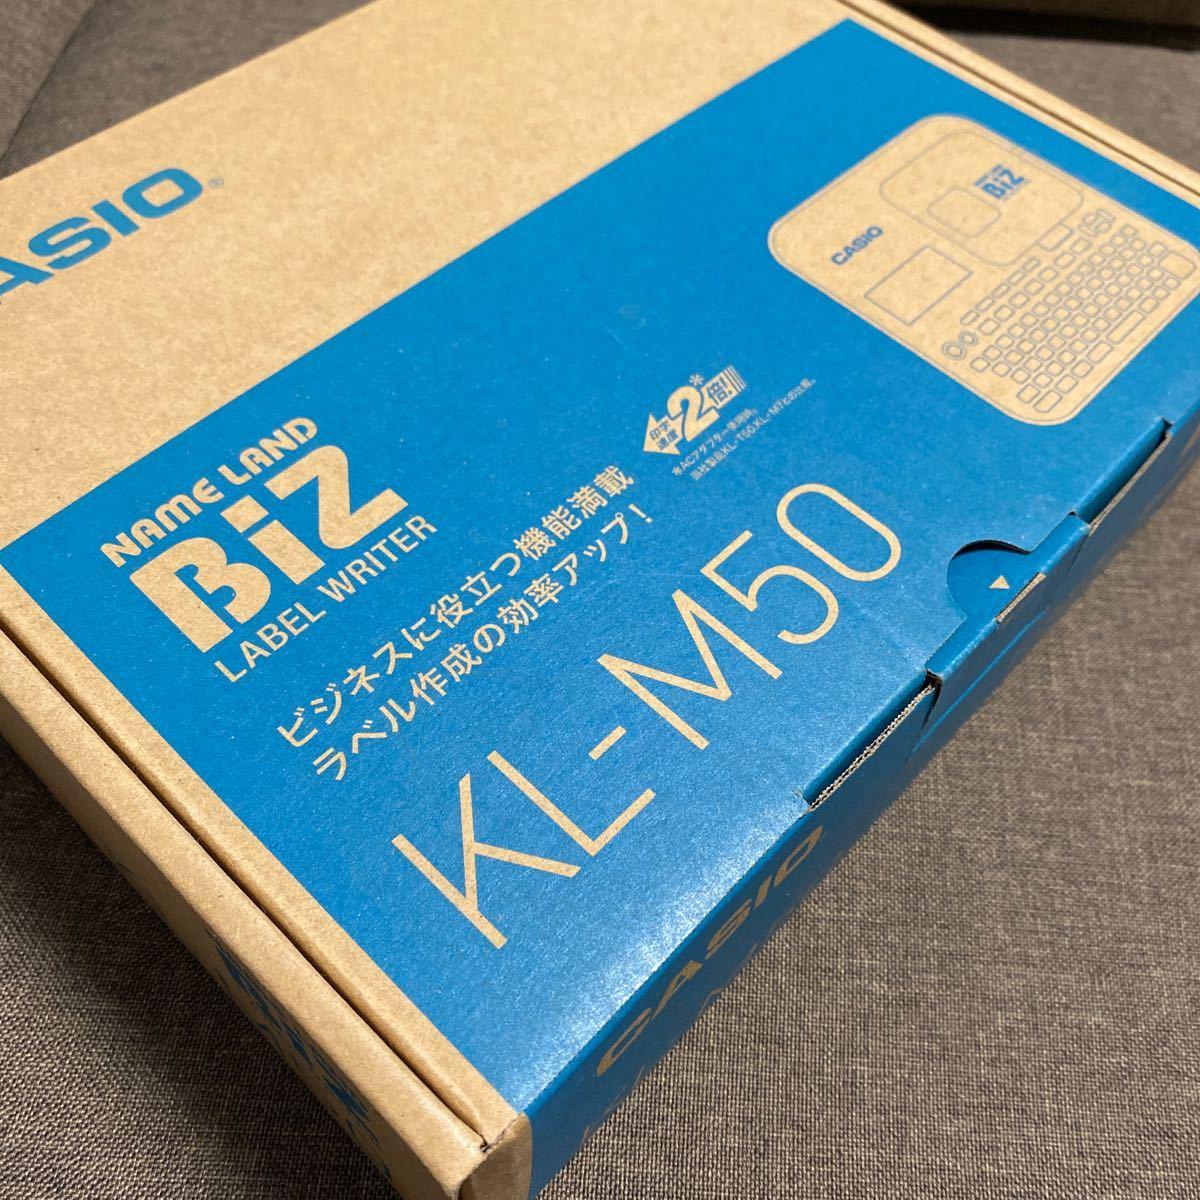 【新品未使用】カシオ KL-M50 ラベルライター「ネームランド」